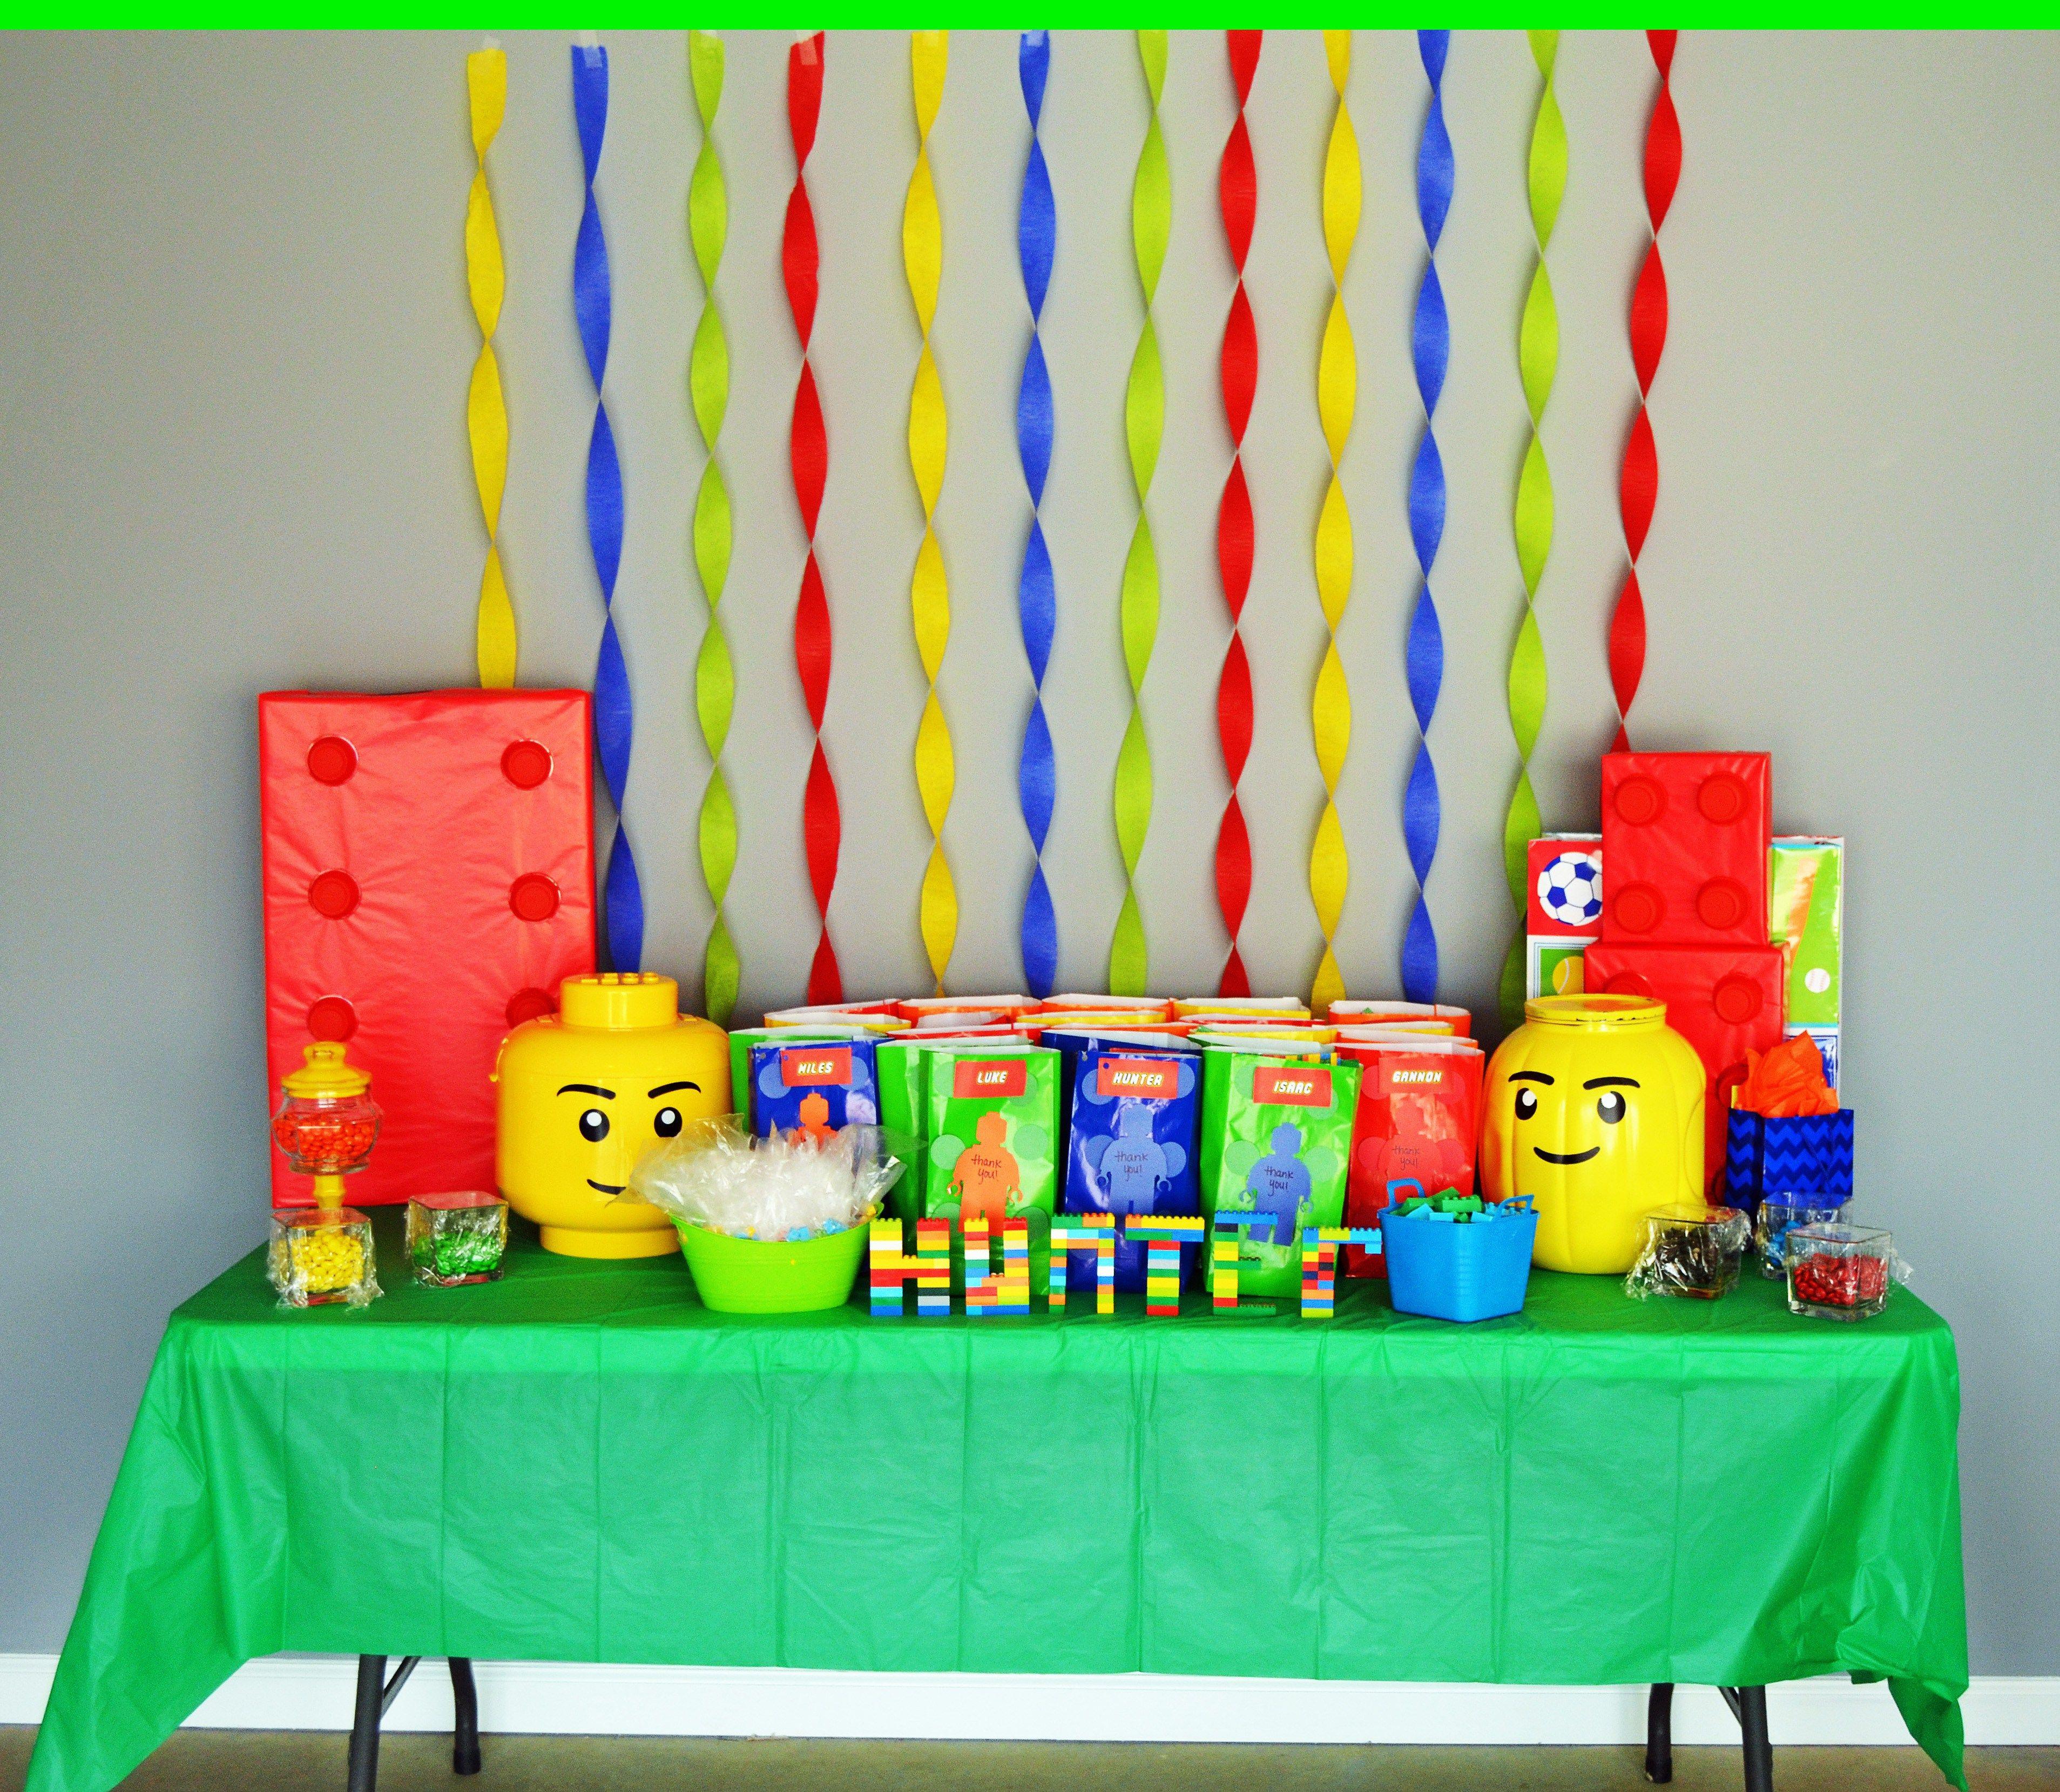 Lego birthday party ideas pin for Lego diy